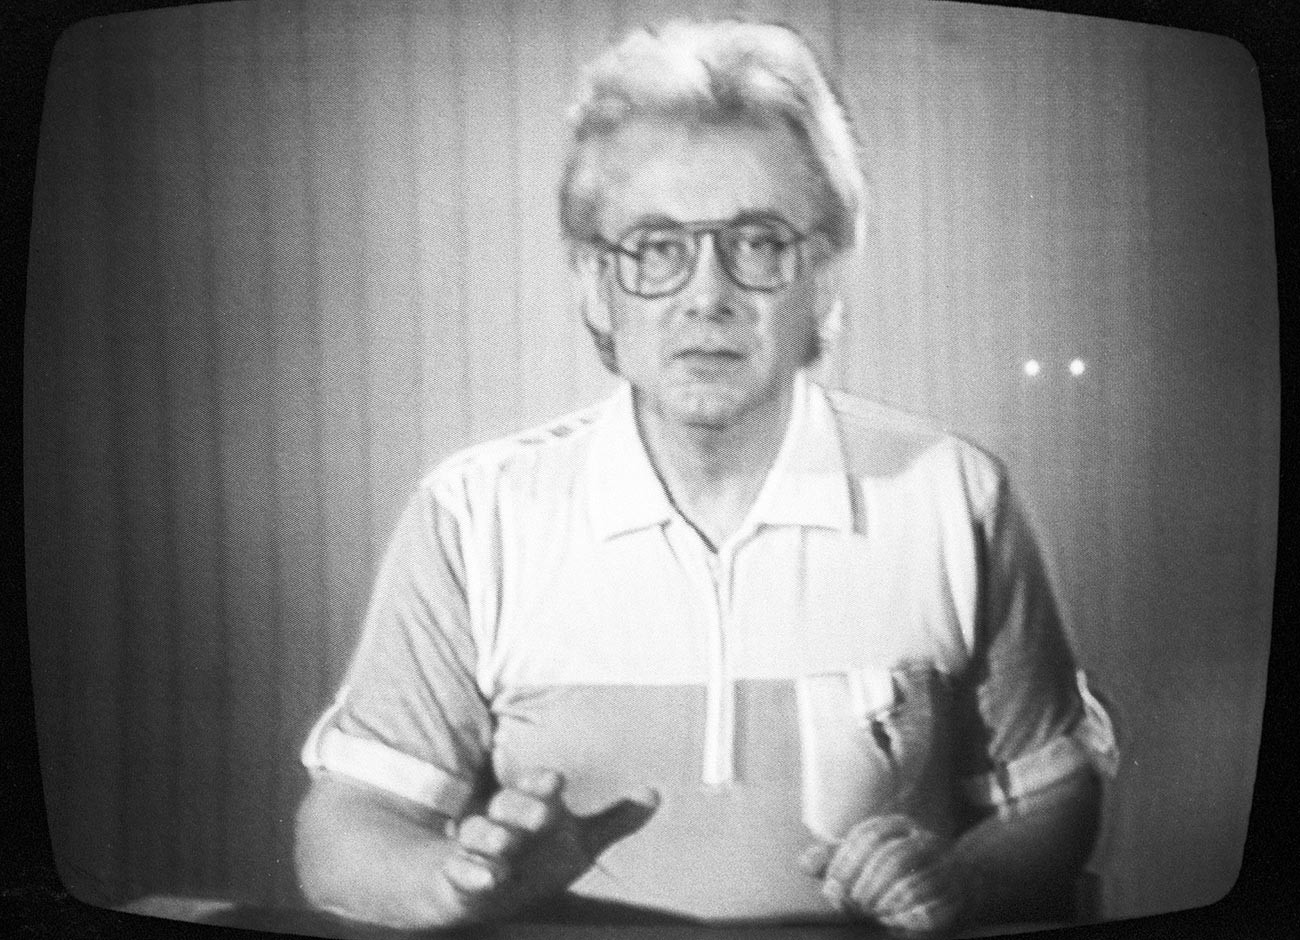 Il programma di Allan Chumak sulla tv sovietica